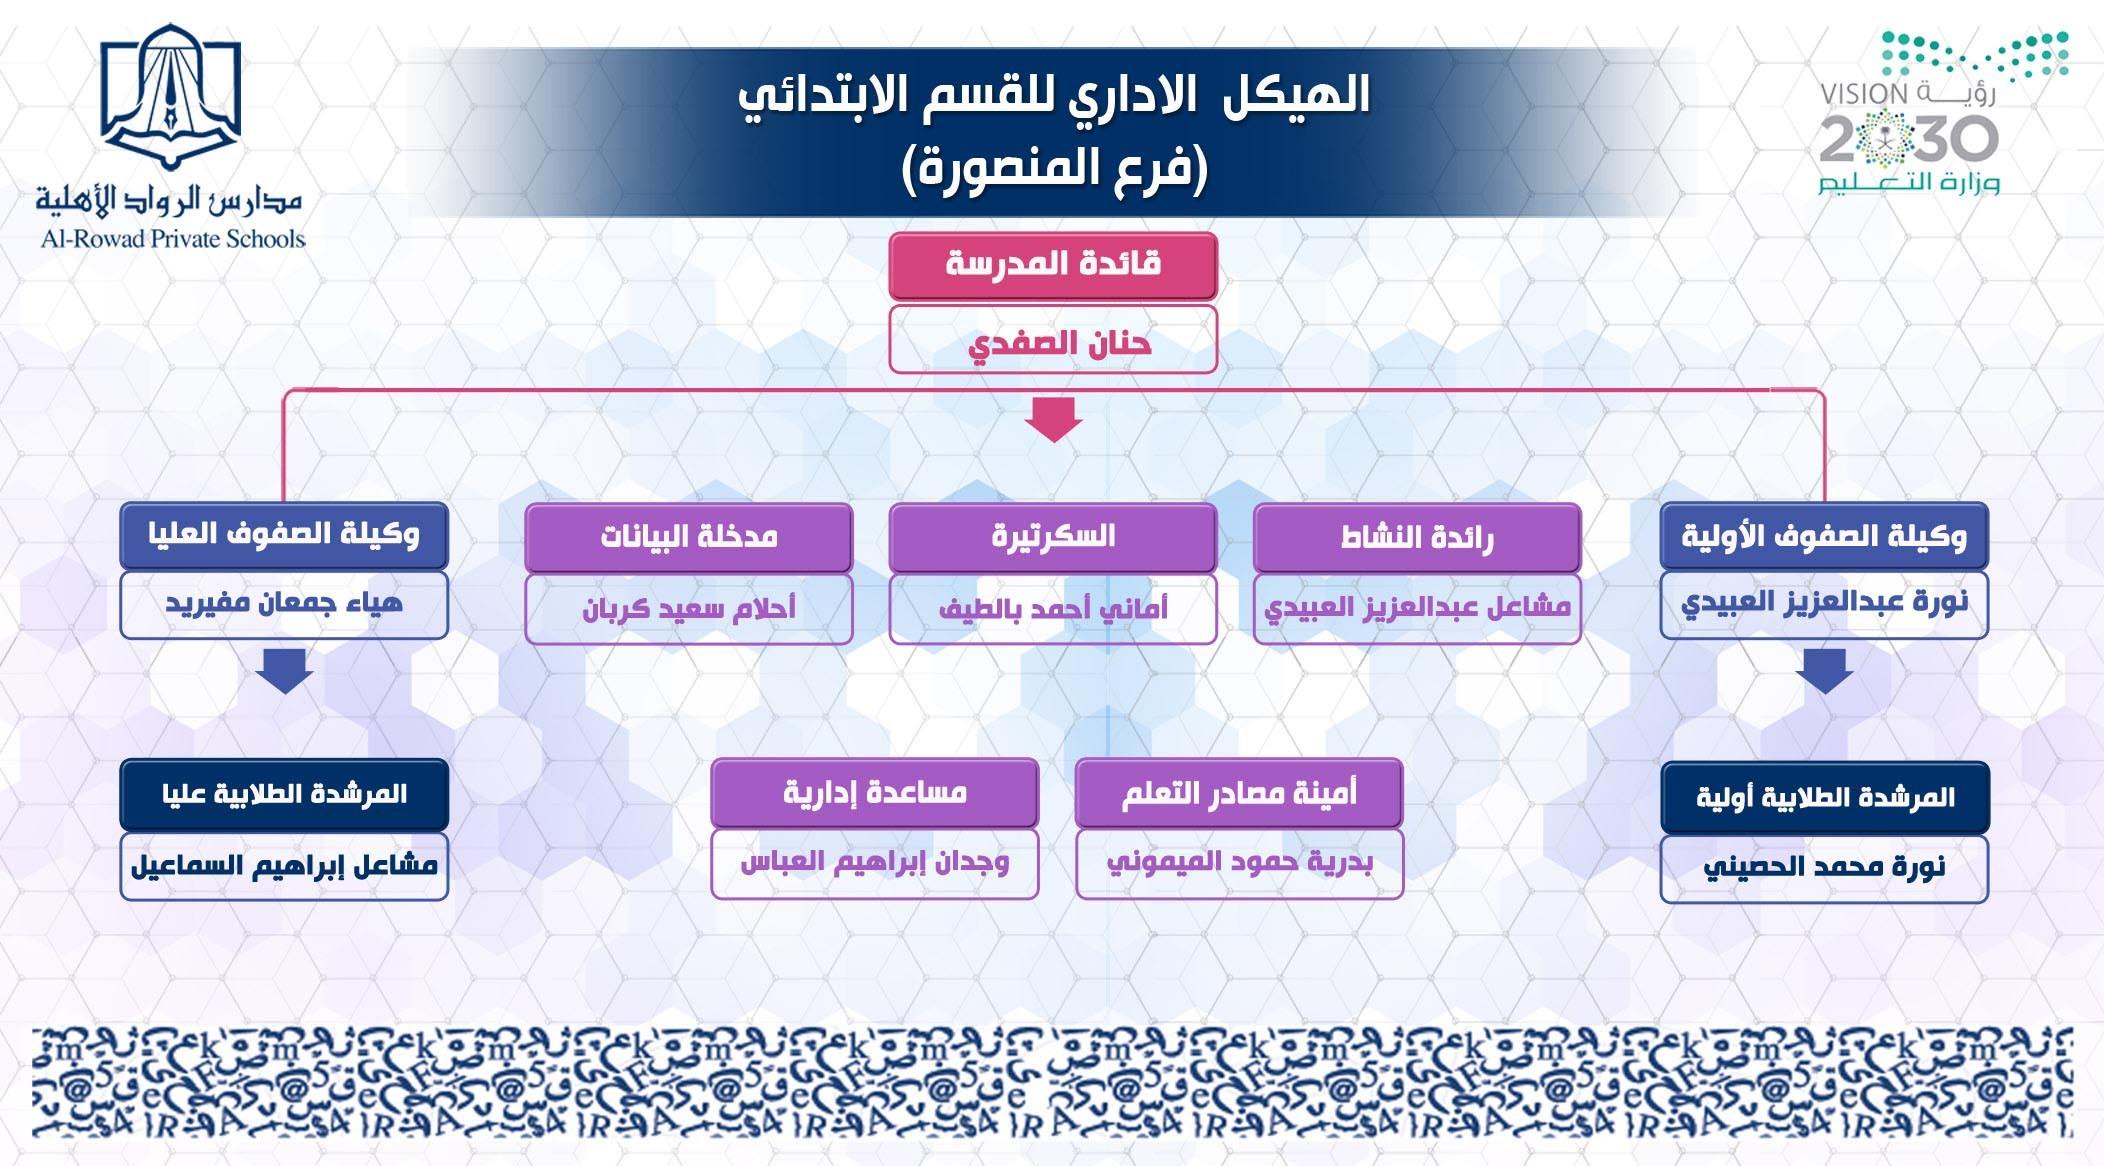 الهيئة الإدارية بالقسم الابتدائي بنات